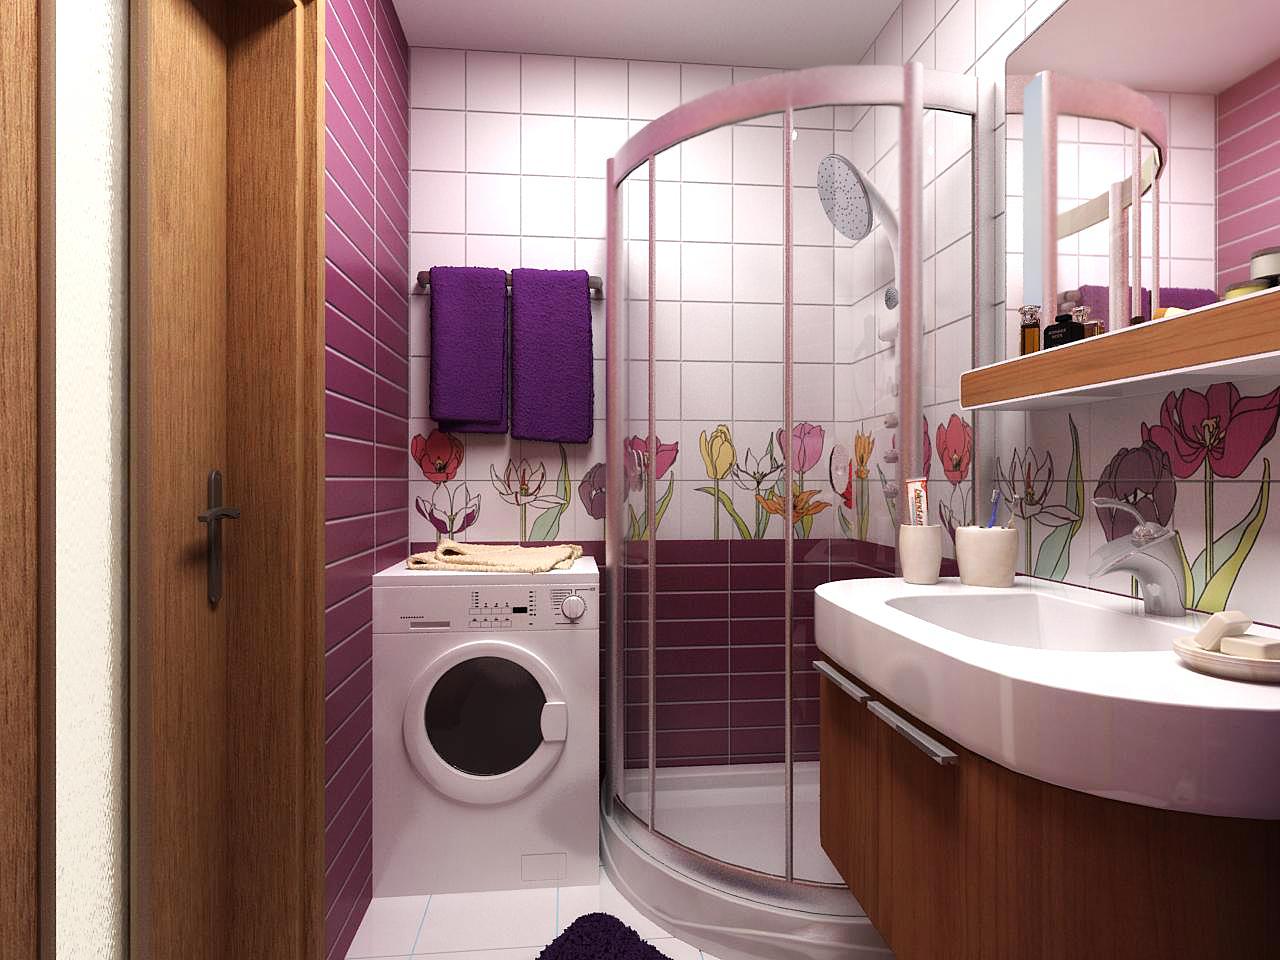 необычный дизайн ванны в коричневом цвете